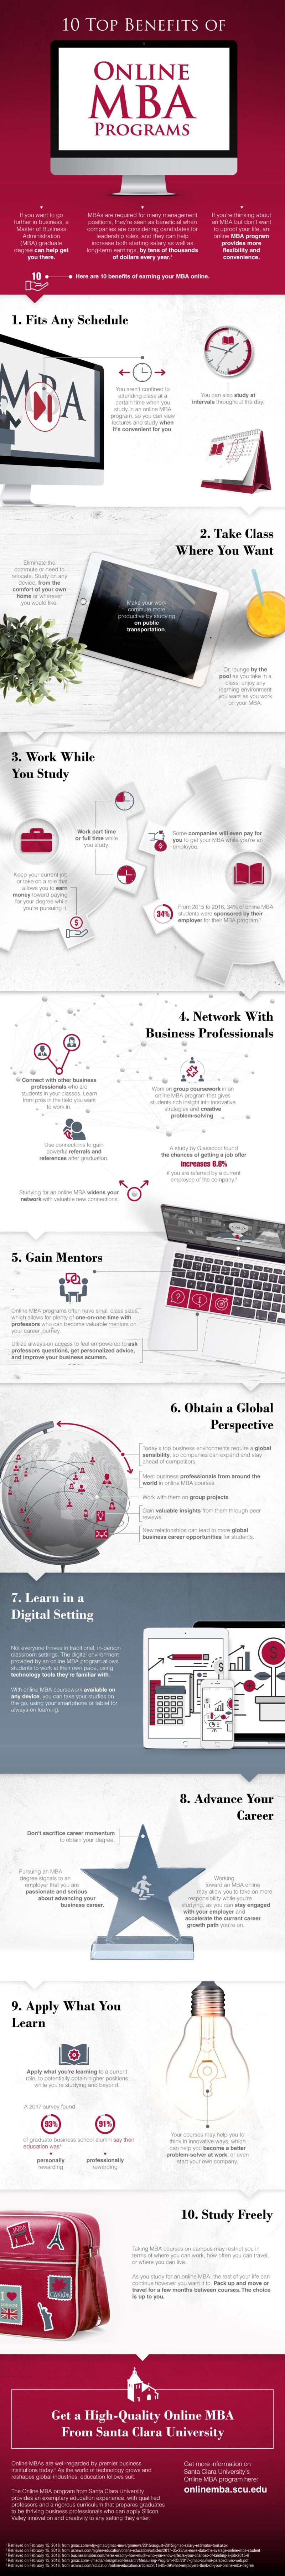 10 top benefits online MBA